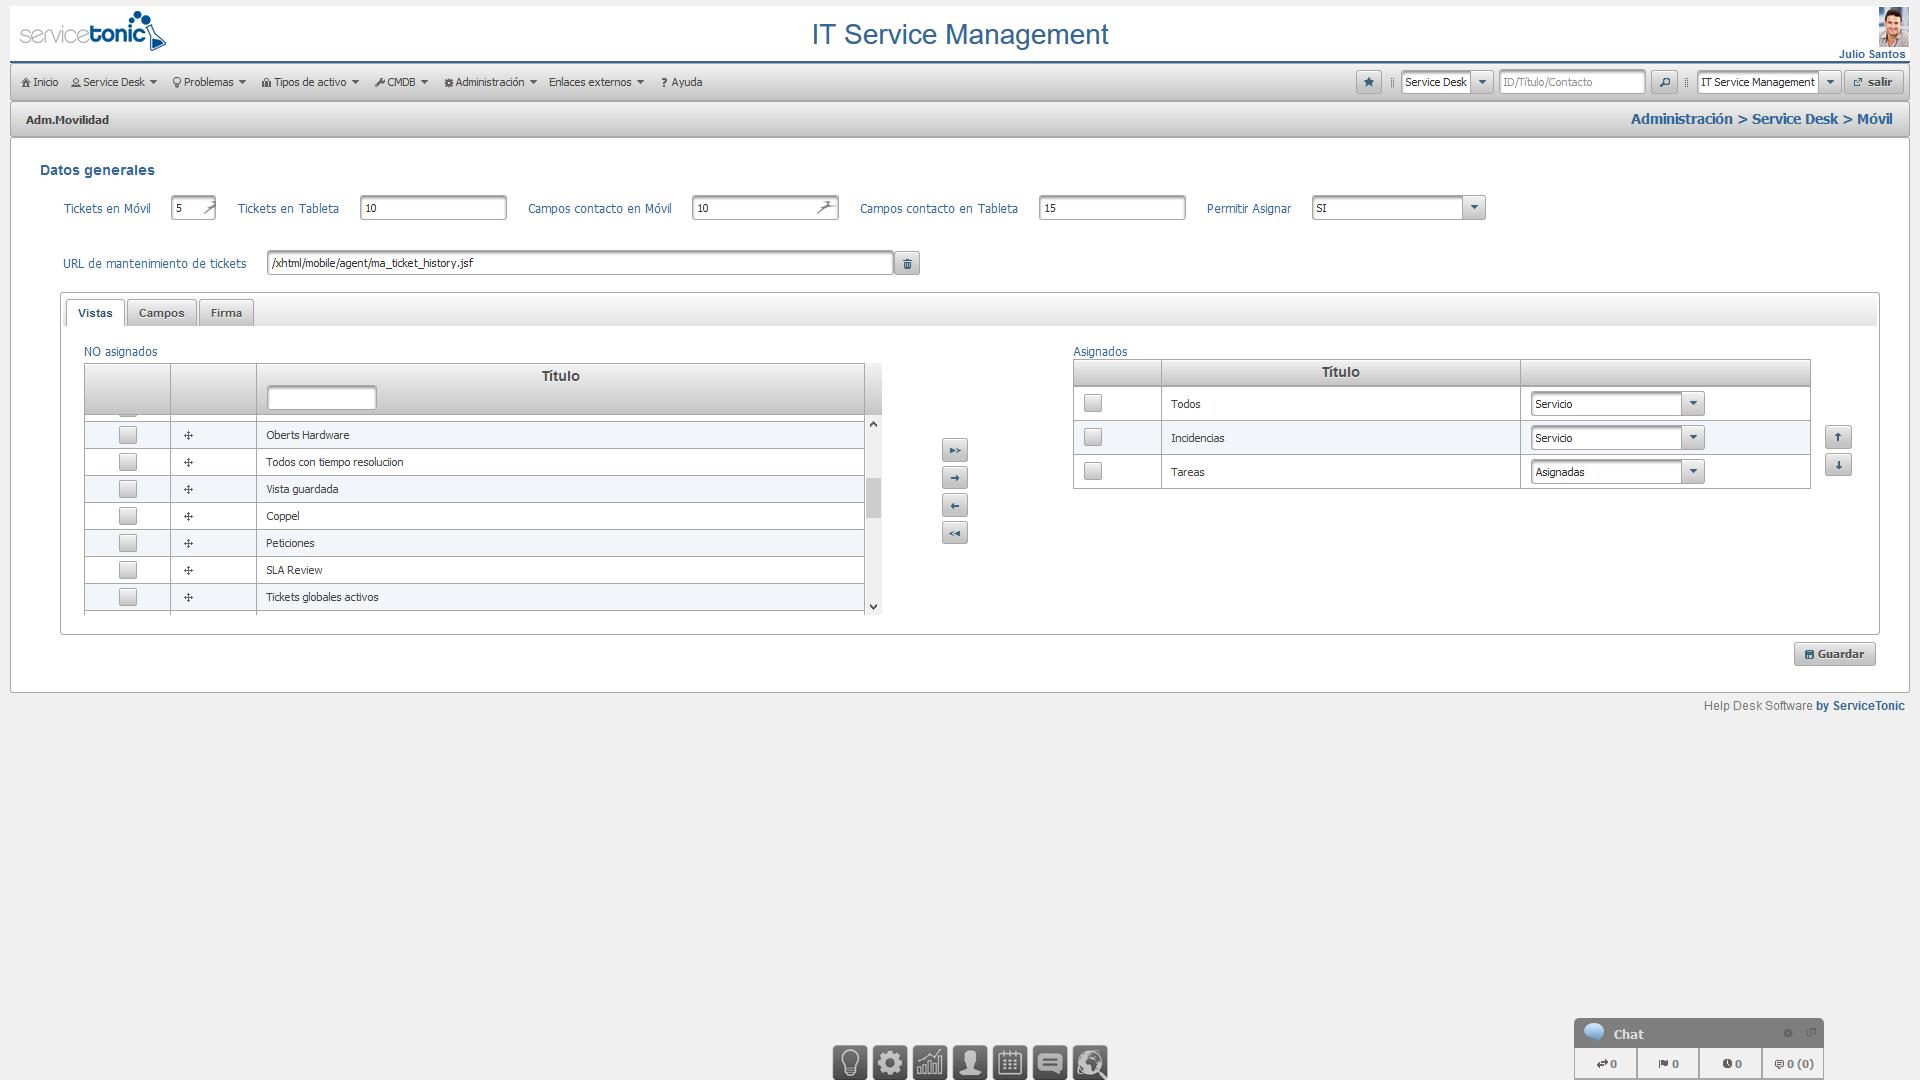 Configuración del Service Desk en movilidad